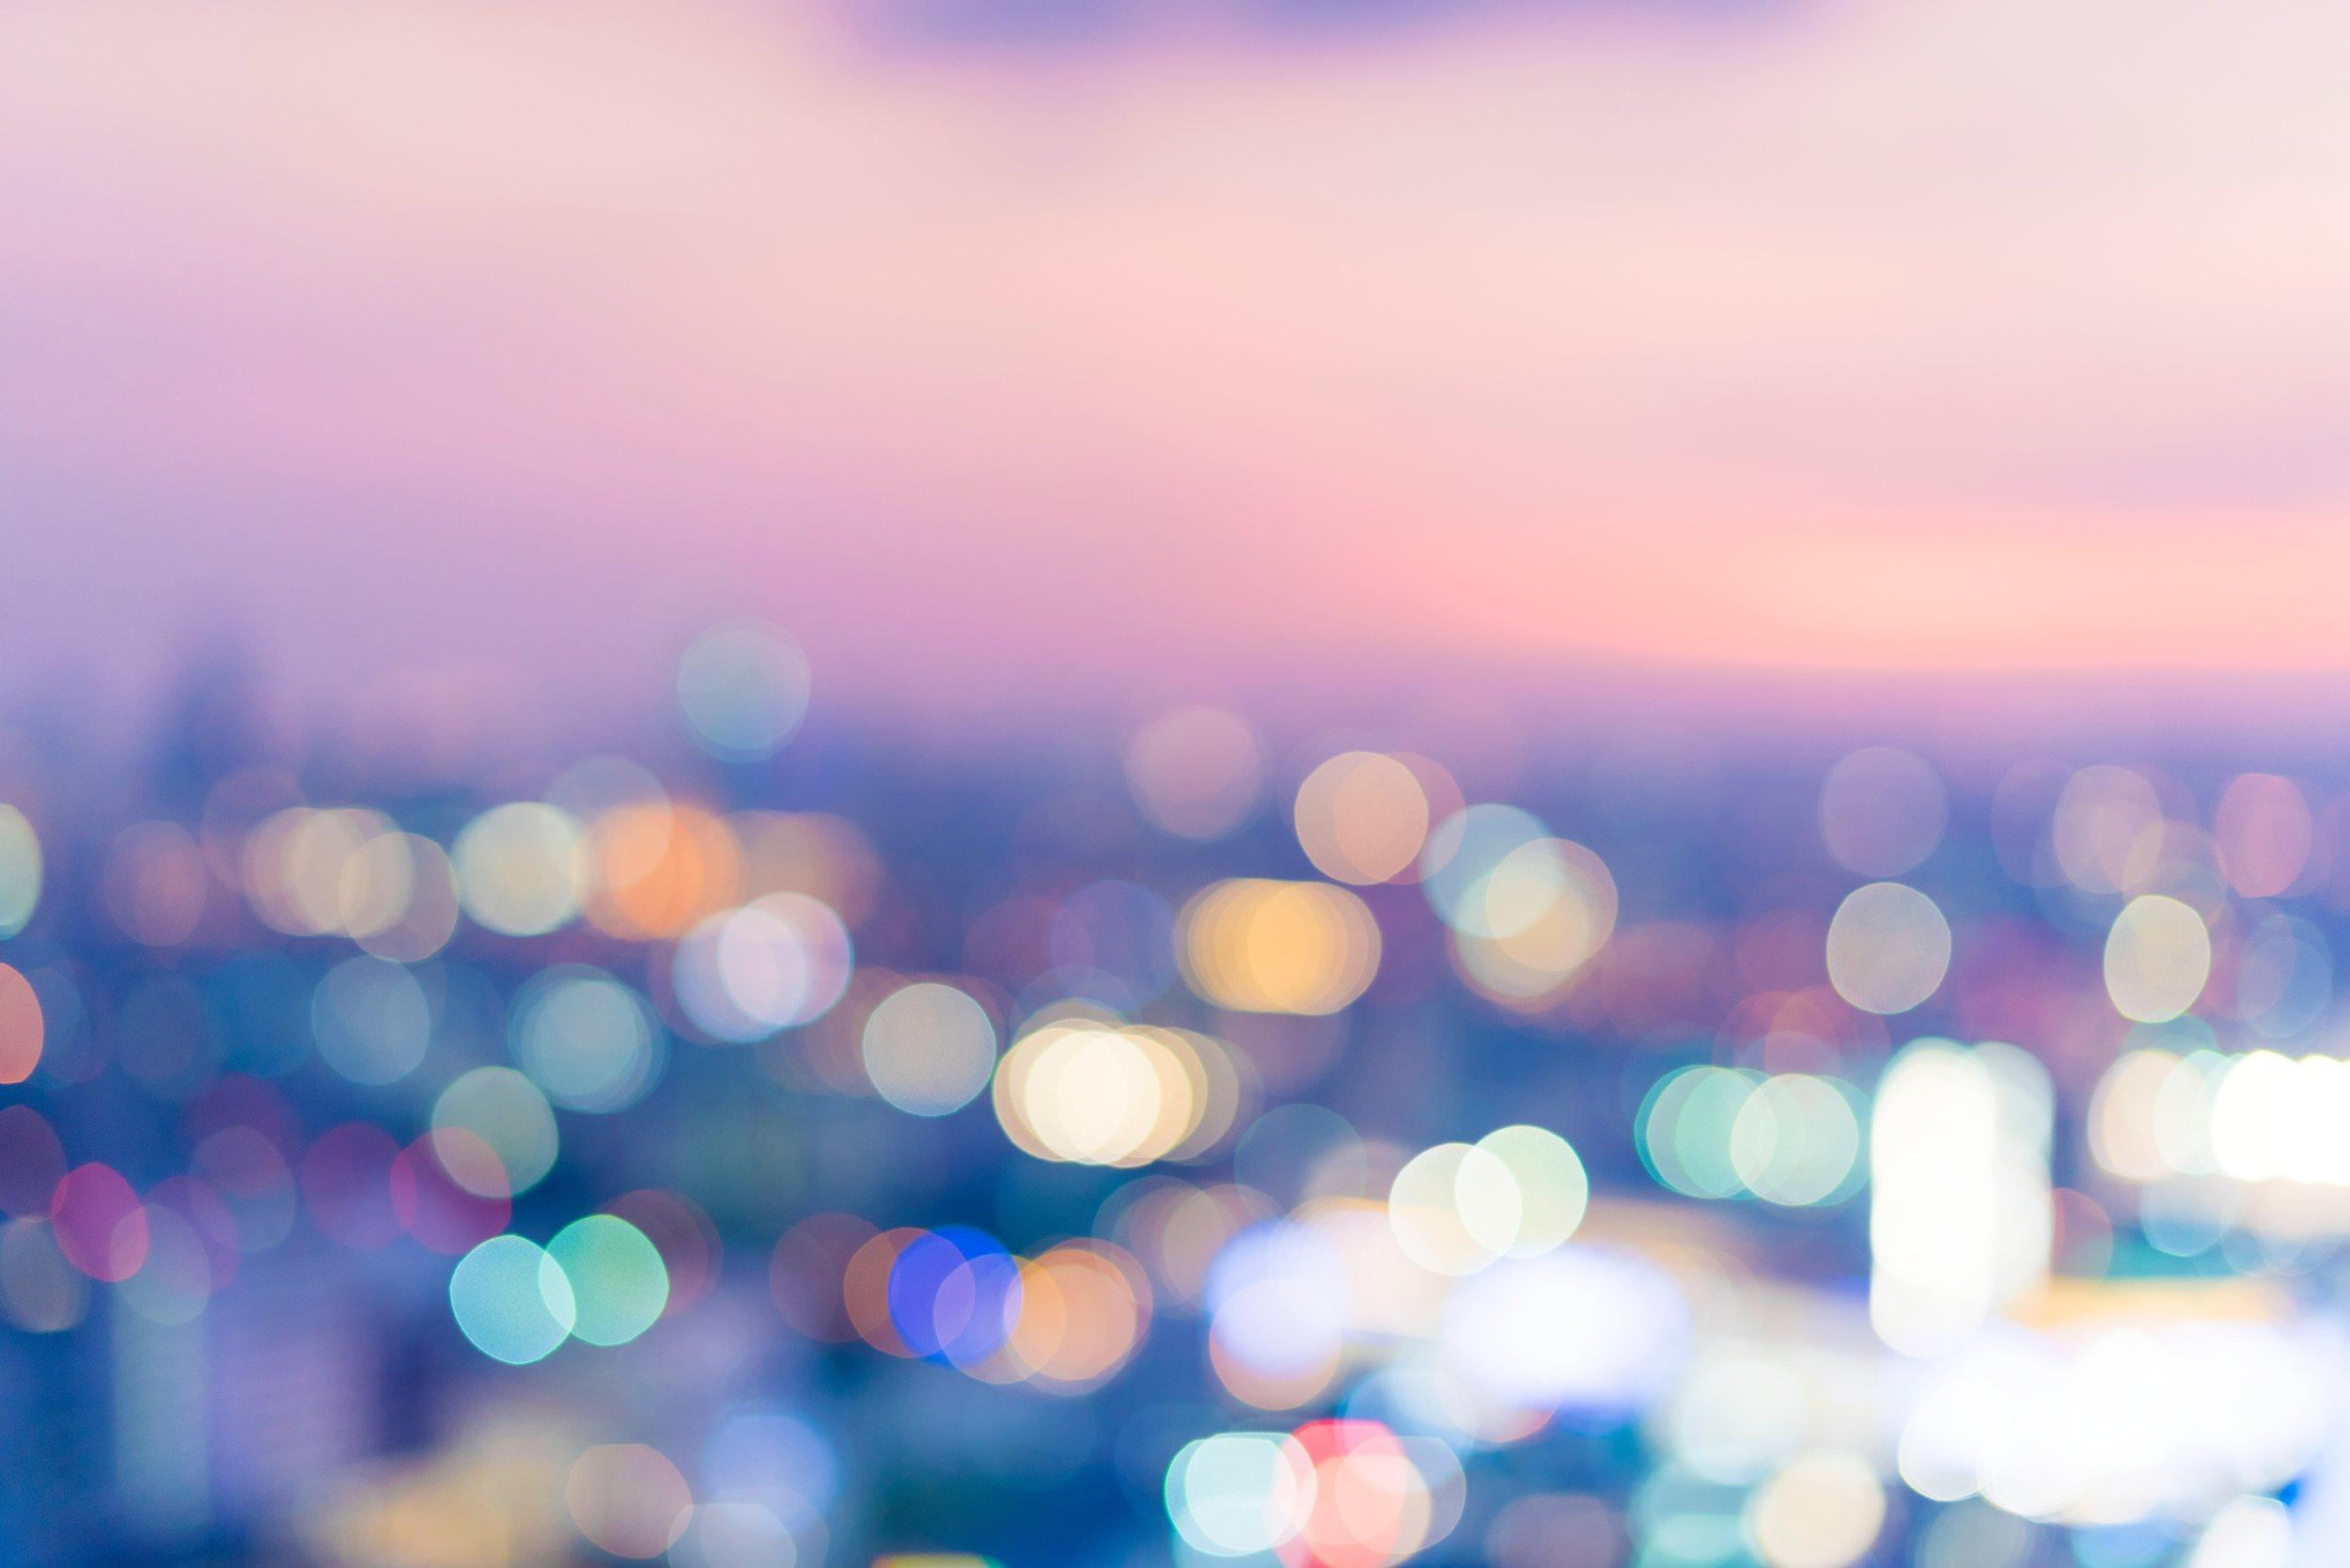 blur-blurred-bokeh-891683.jpg